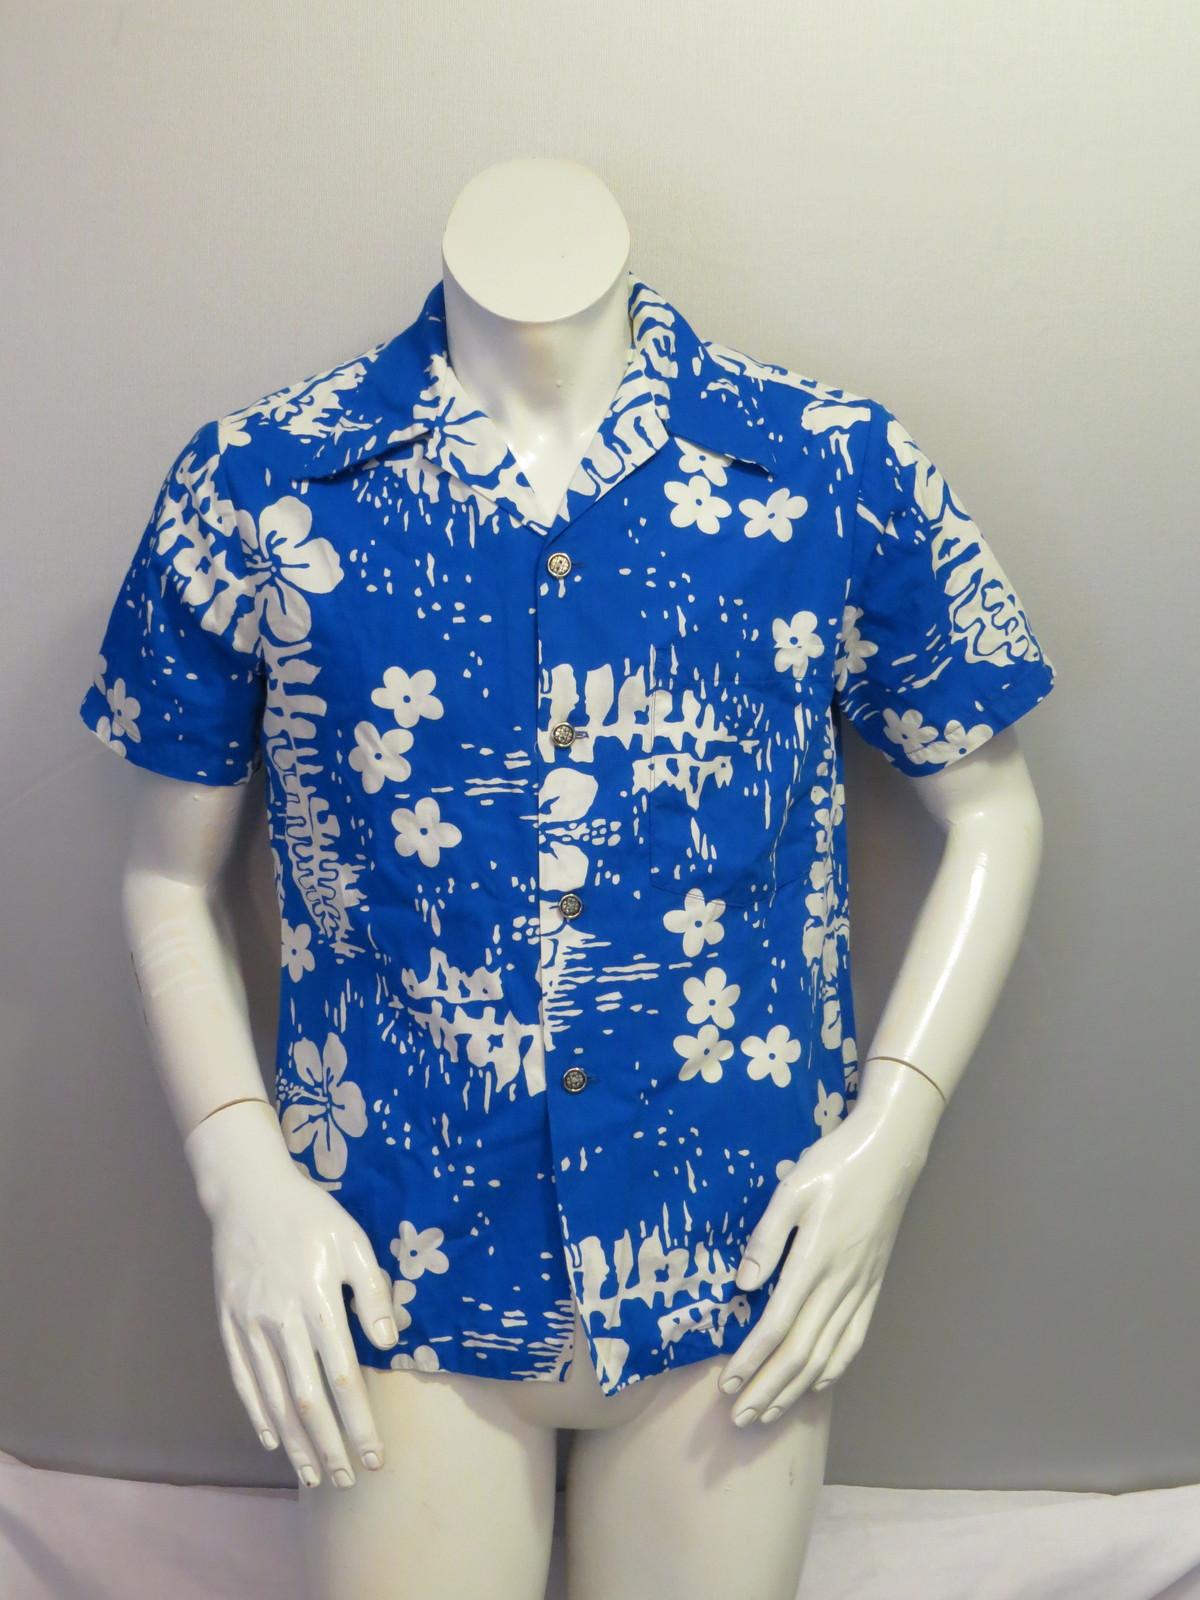 f15ea425 Img 9965. Img 9965. Previous. Vintage Hawaiian Aloha Shirt - Abstract Floral  Pattern by Ui Maikai - Mens Small